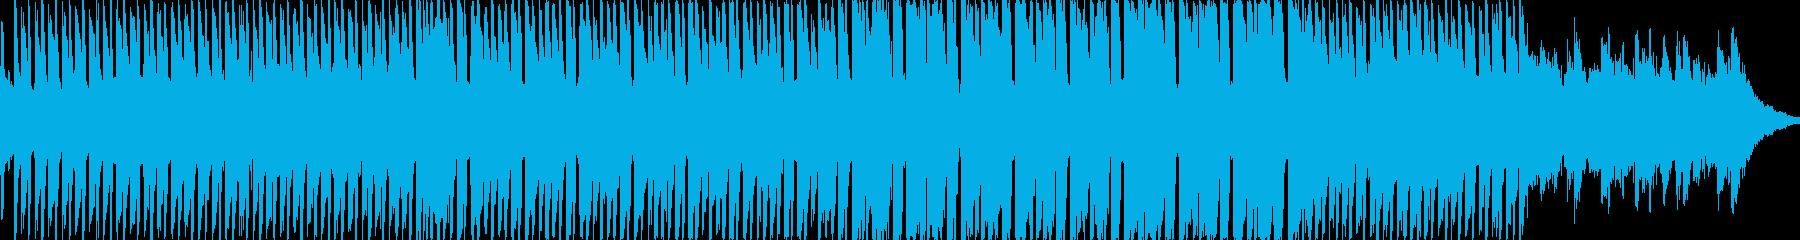 ハッピーな感じのハイテンションな楽曲で…の再生済みの波形